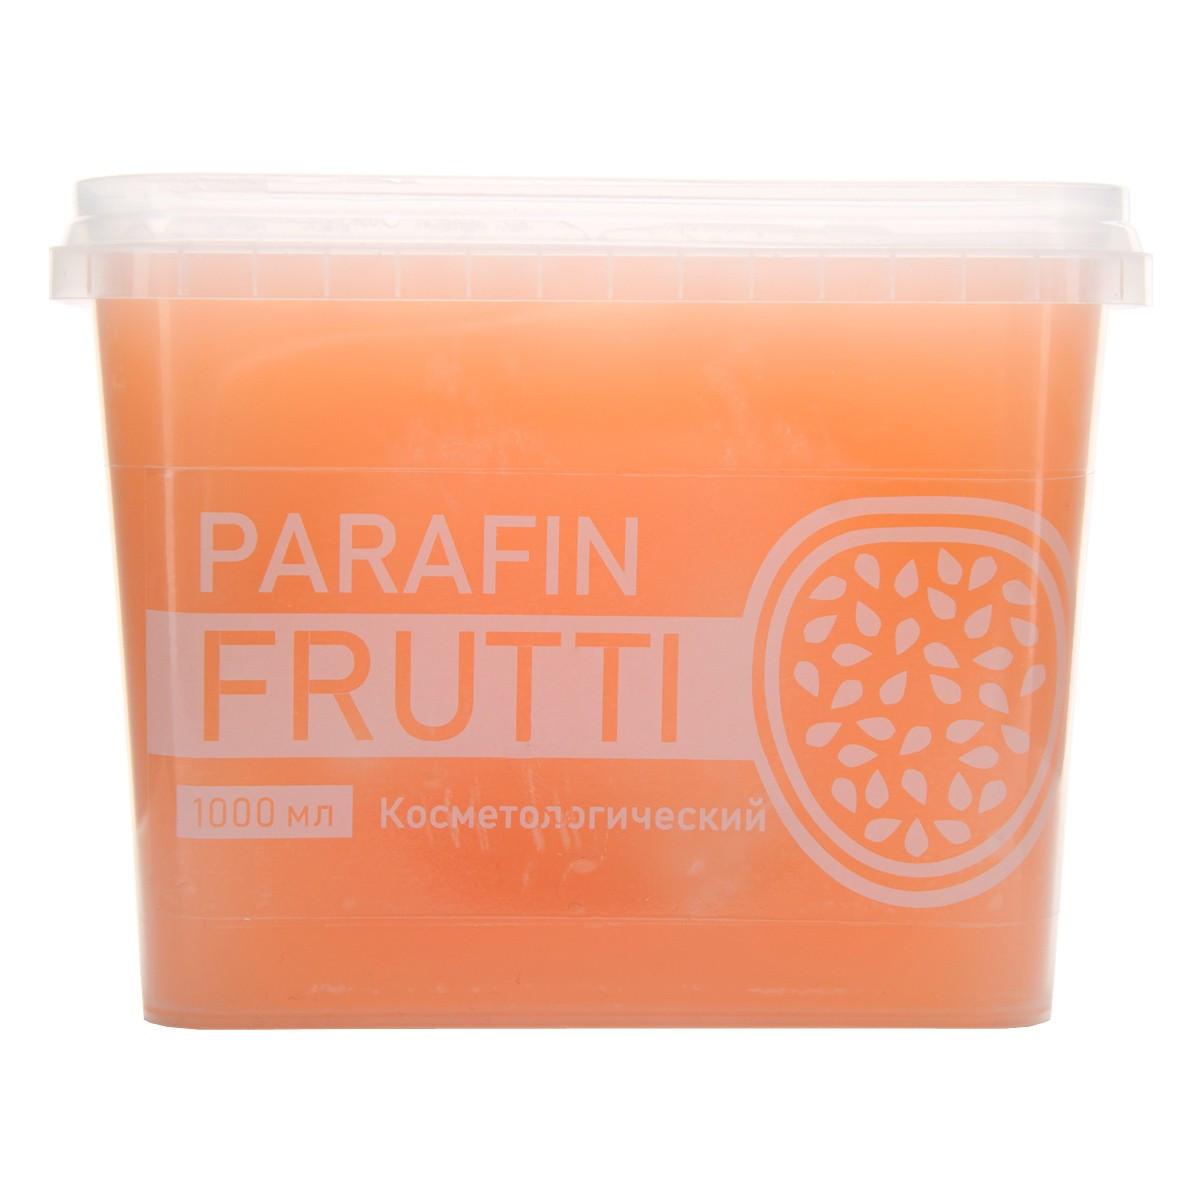 Парафін - фрутті . Косметичний парафін. Біо парафін, 1000 мл